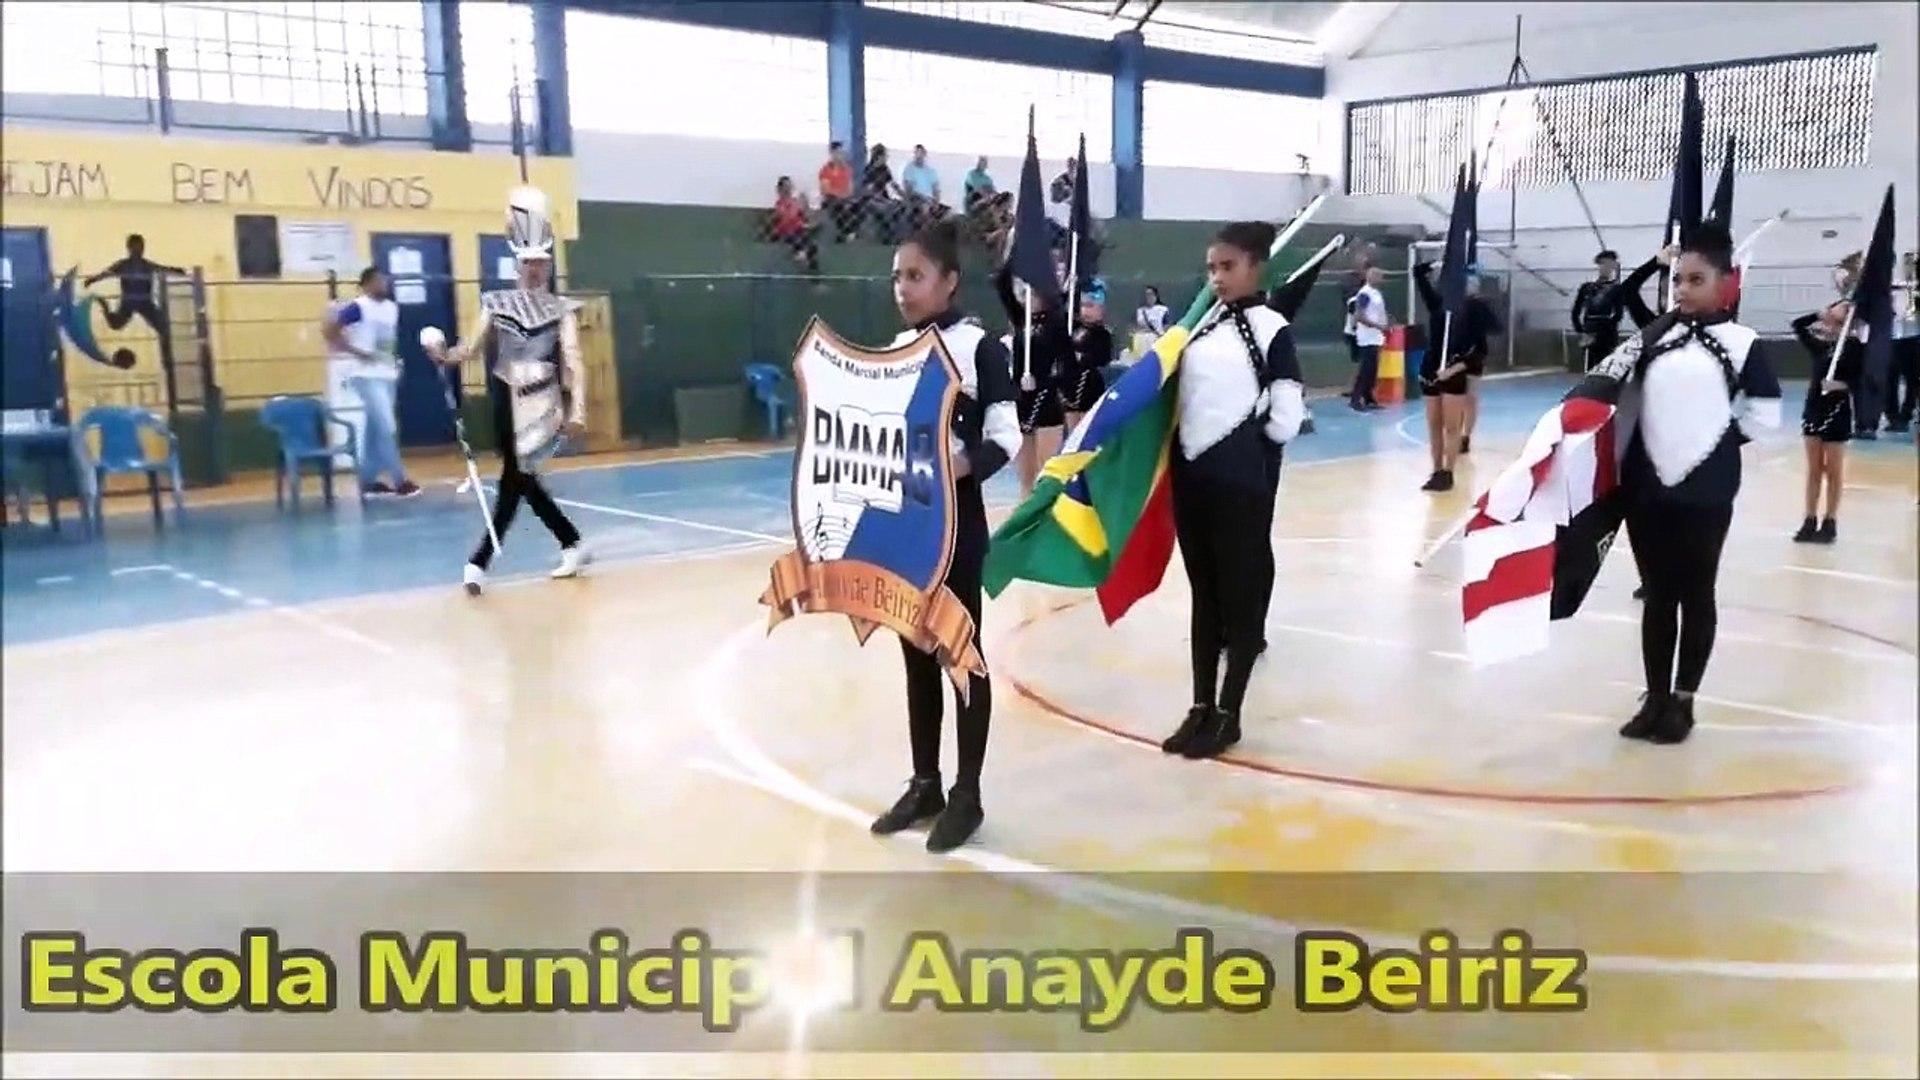 Banda Municipal Anayde Beiriz 2018 - VI COPA NACIONAL DE CAMPEÃS DE BANDAS E FANFARRAS